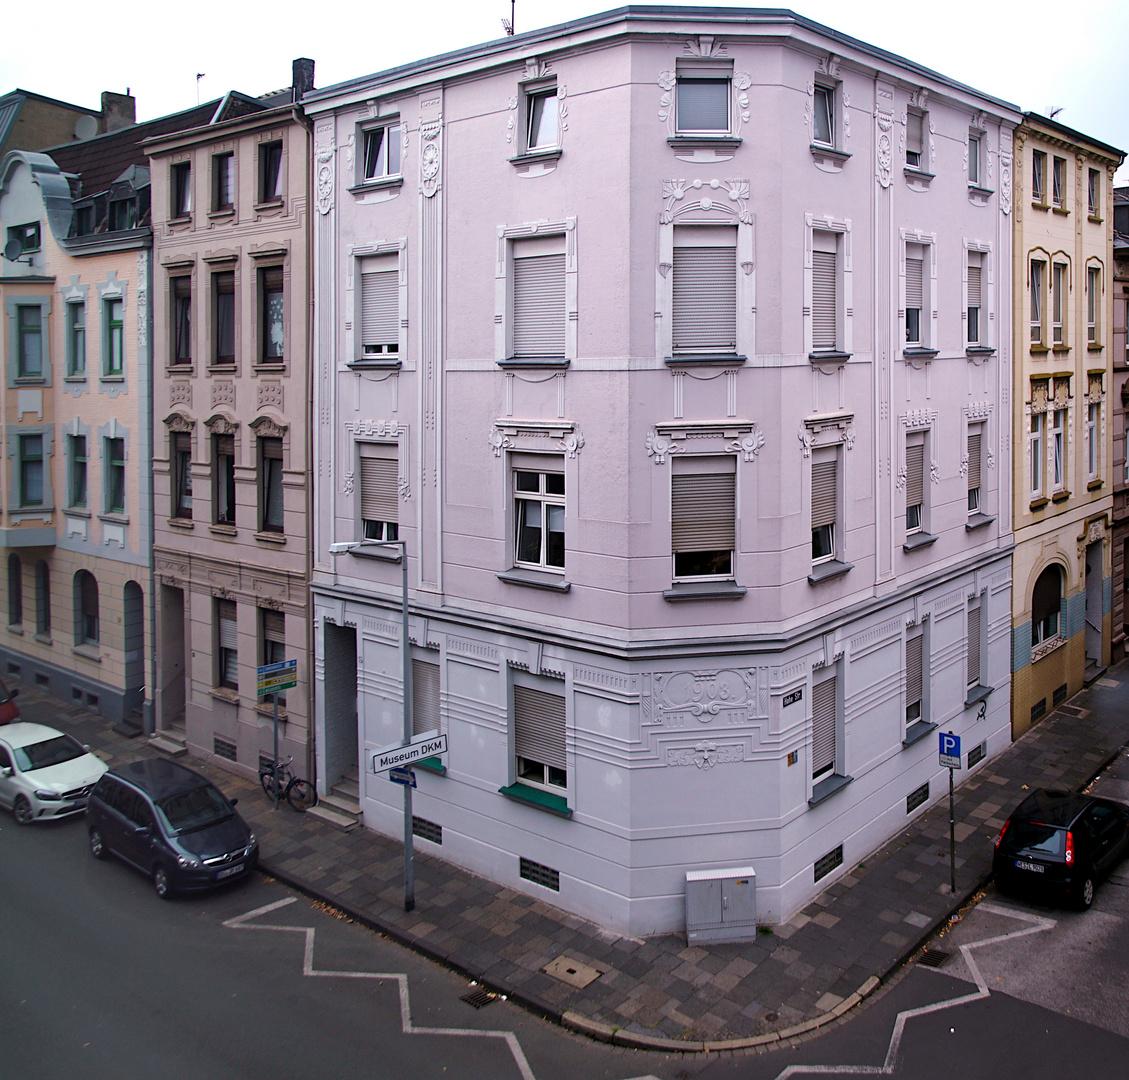 Jugendstilhäuser in Duisburg